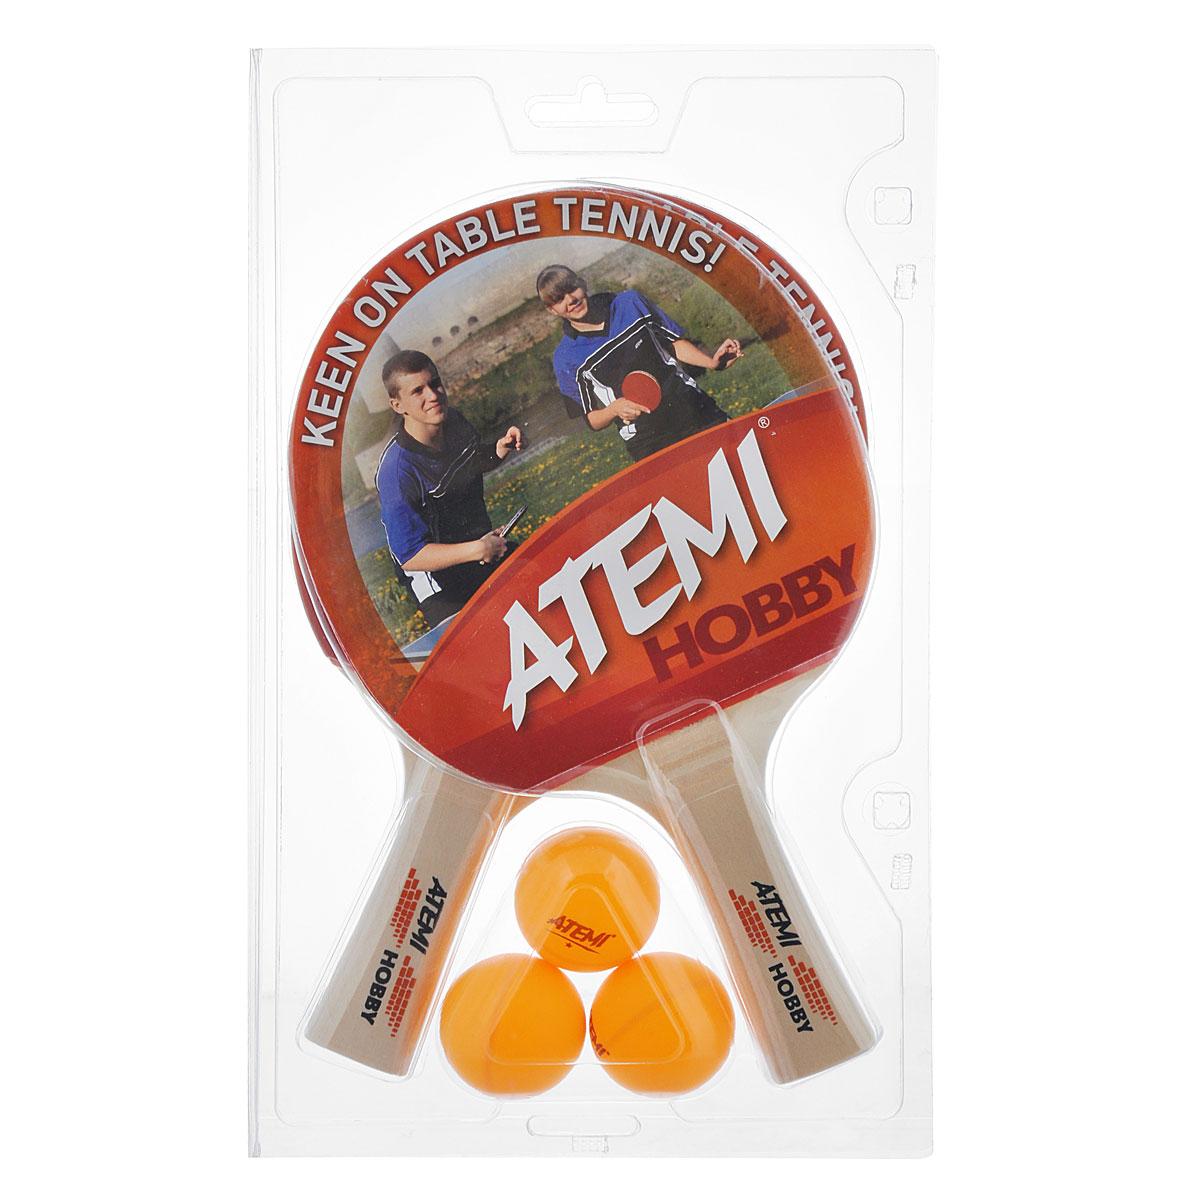 Набор для настольного тенниса Atemi Hobby, 5 предметов44127Набор для настольного тенниса Atemi Hobby включает в себя 2 ракетки и 3 мяча, предназначен для тренировок. Ракетки выполнены из фанеры и оснащены накладками из резины толщиной 1,8 мм. Анатомическая рукоятка эргономичной формы специально разработана для надежного хвата и комфортной игры. Хороший контроль, отличные игровые характеристики, высокая скорость игры. Настольный теннис - спортивная игра, основанная на перекидывании мяча ракетками через игровой стол с сеткой, цель которой - не дать противнику отбить мяч. Игра в настольный теннис развивает концентрацию, внимание, ловкость и координацию. Длина ракетки: 25 см. Диаметр шара: 3,5 см.